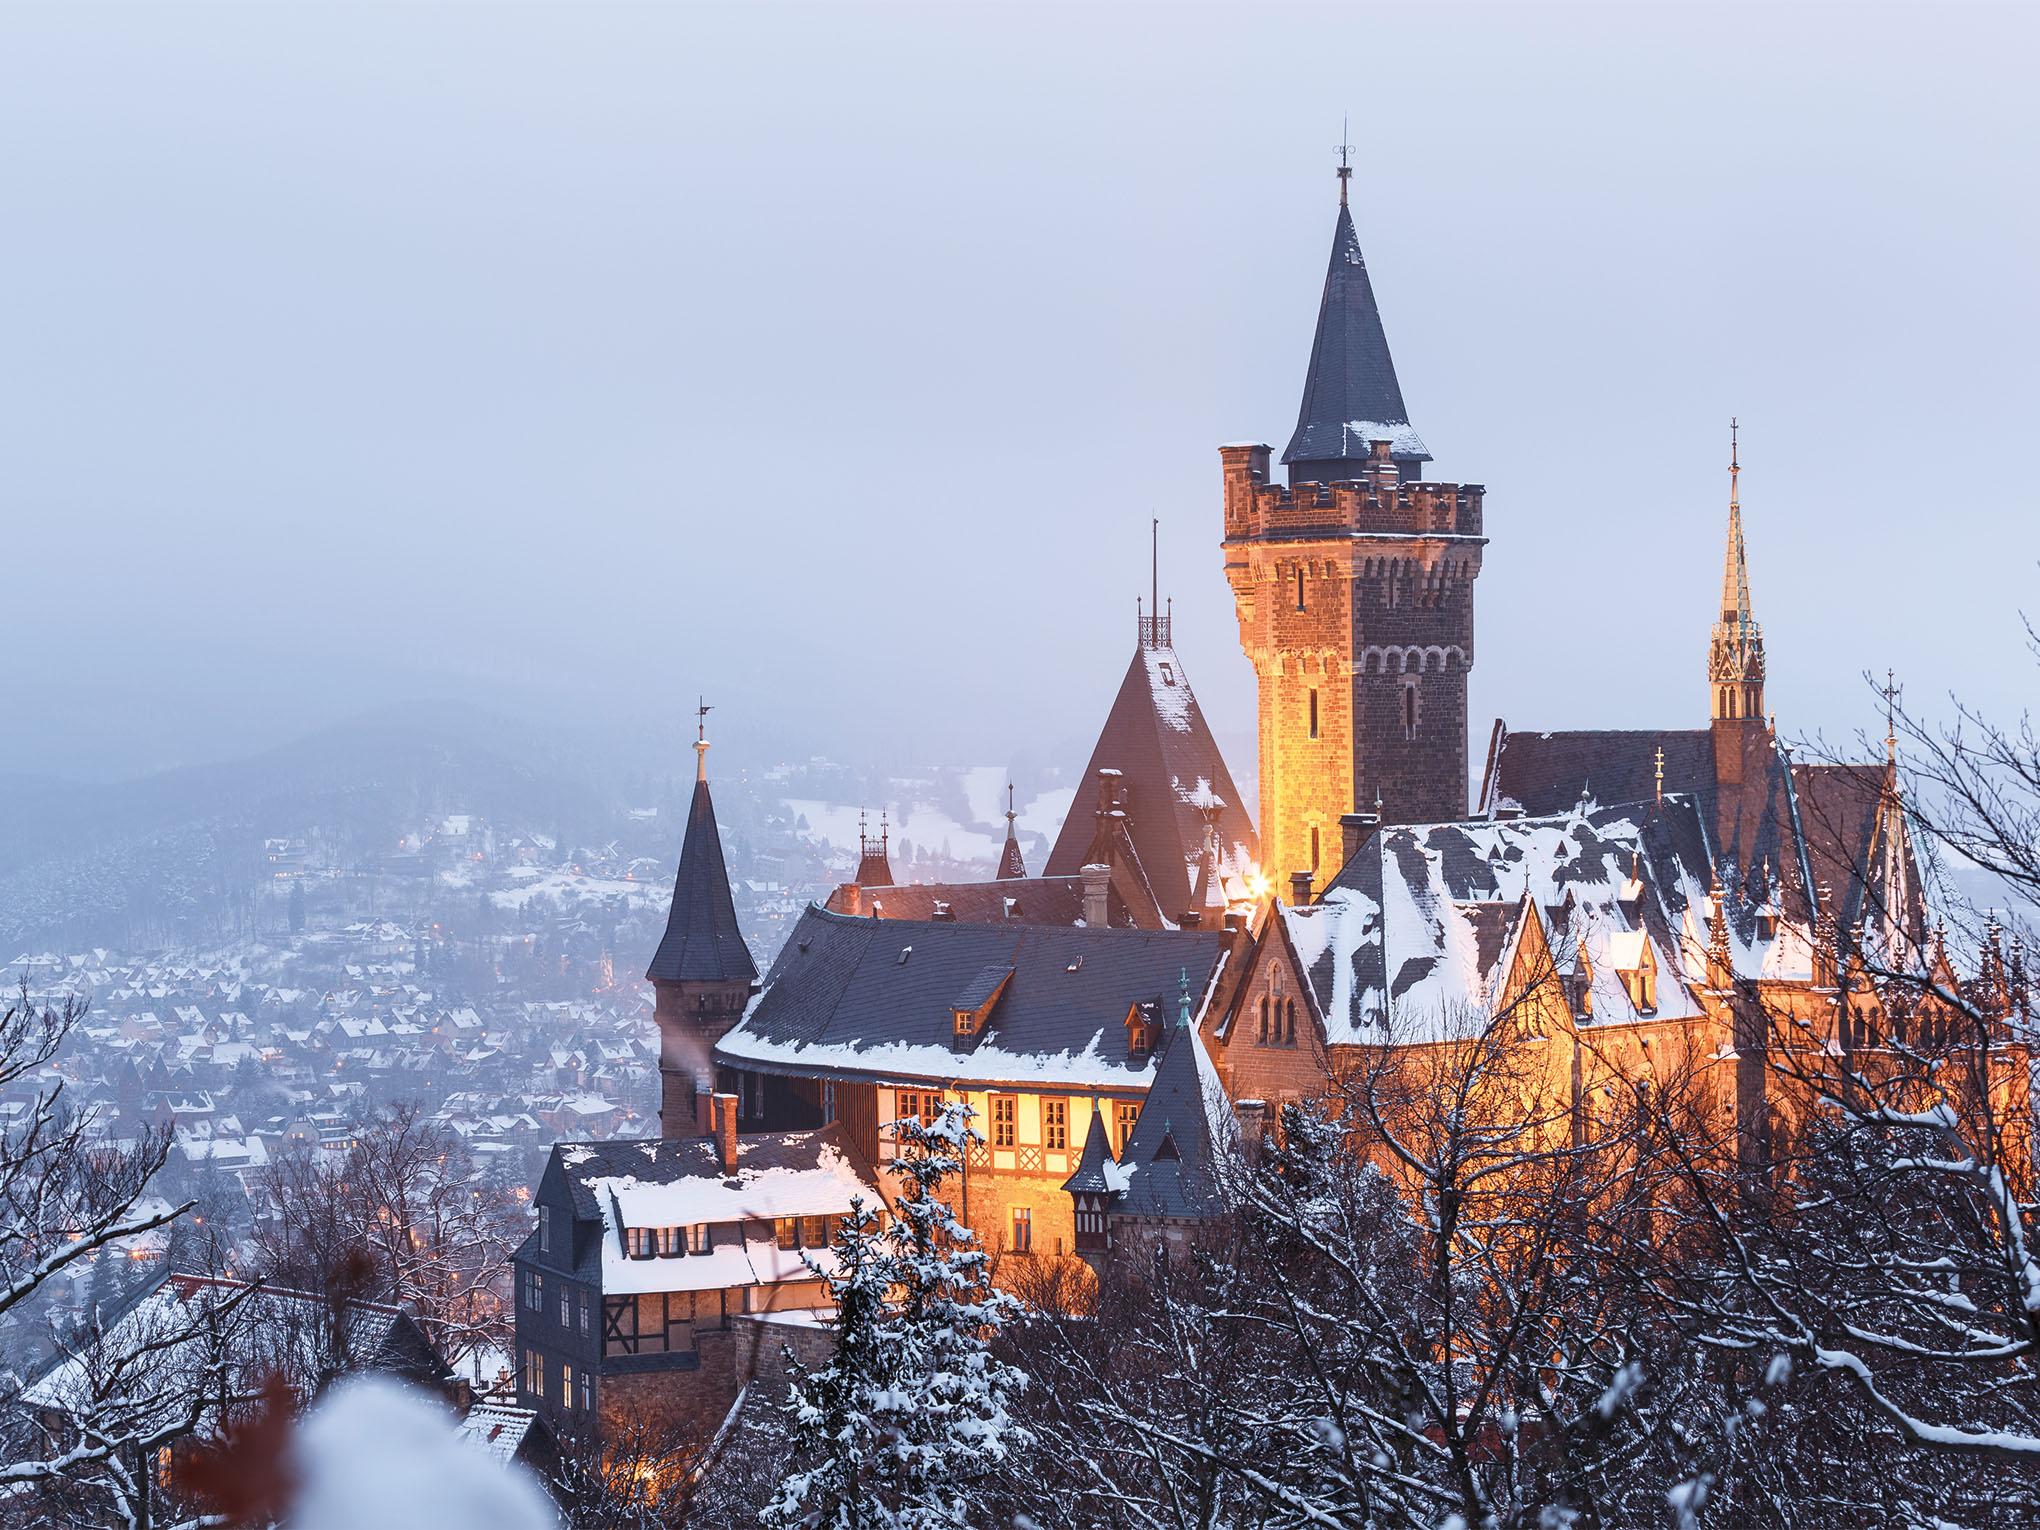 Wernigerode, Burg